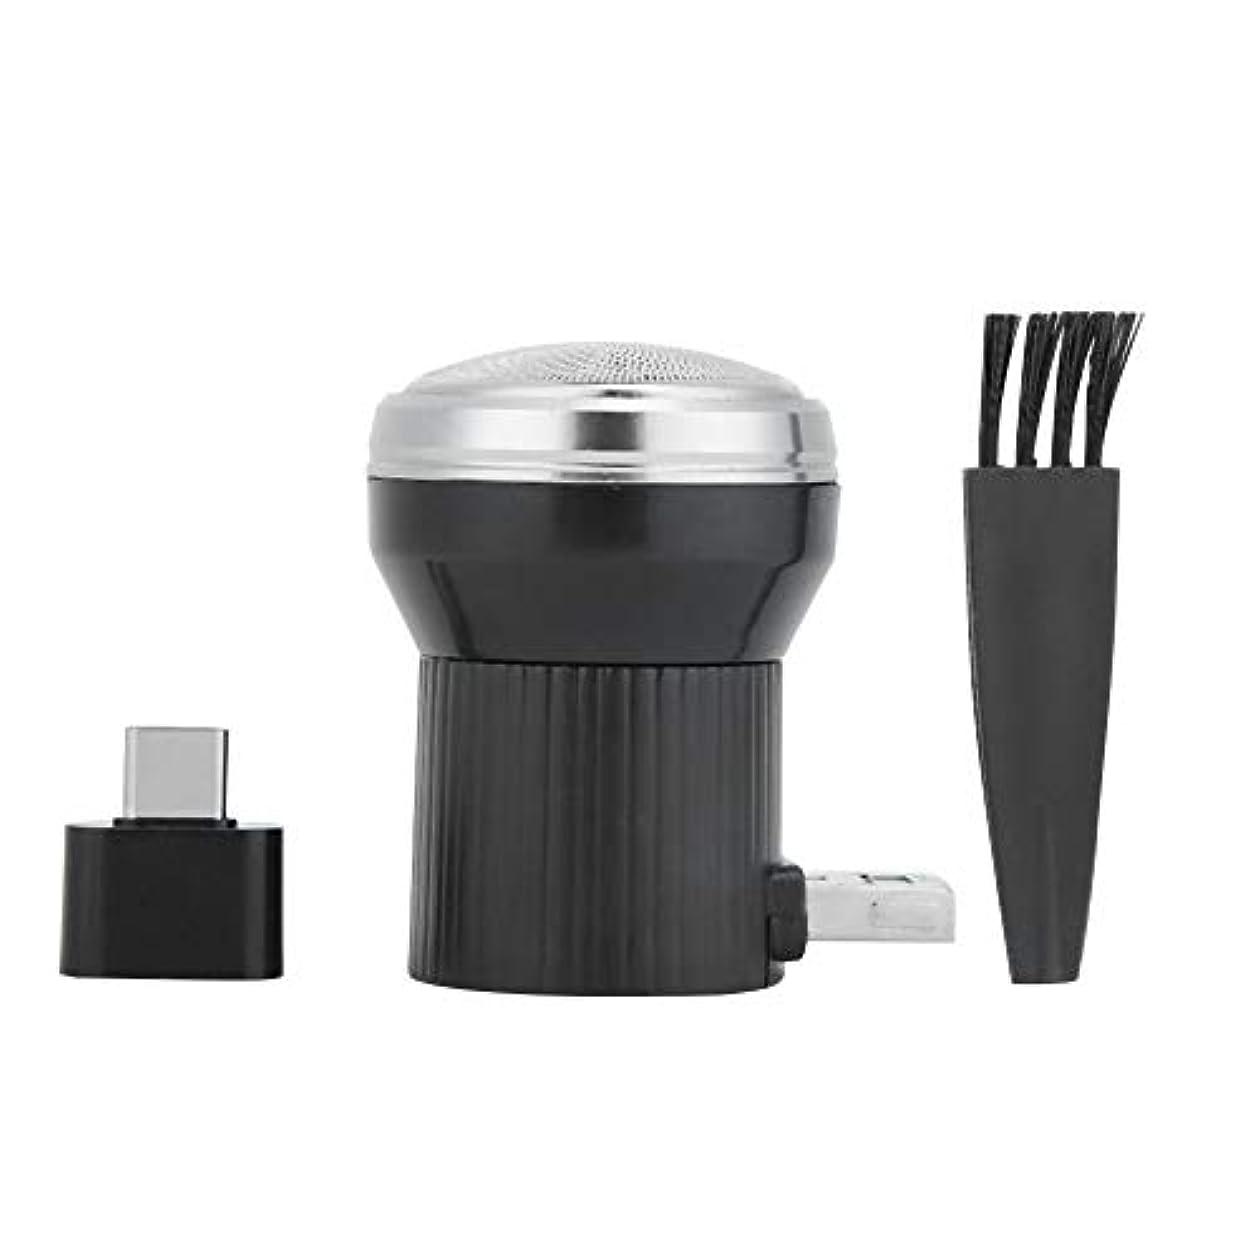 ベッドを作る原子炉貪欲DC5V 4.5W メンズシェーバー 髭剃り 回転式 USBシェーバー 携帯電話/USB充電式 持ち運び便利 電気シェーバー USBポート